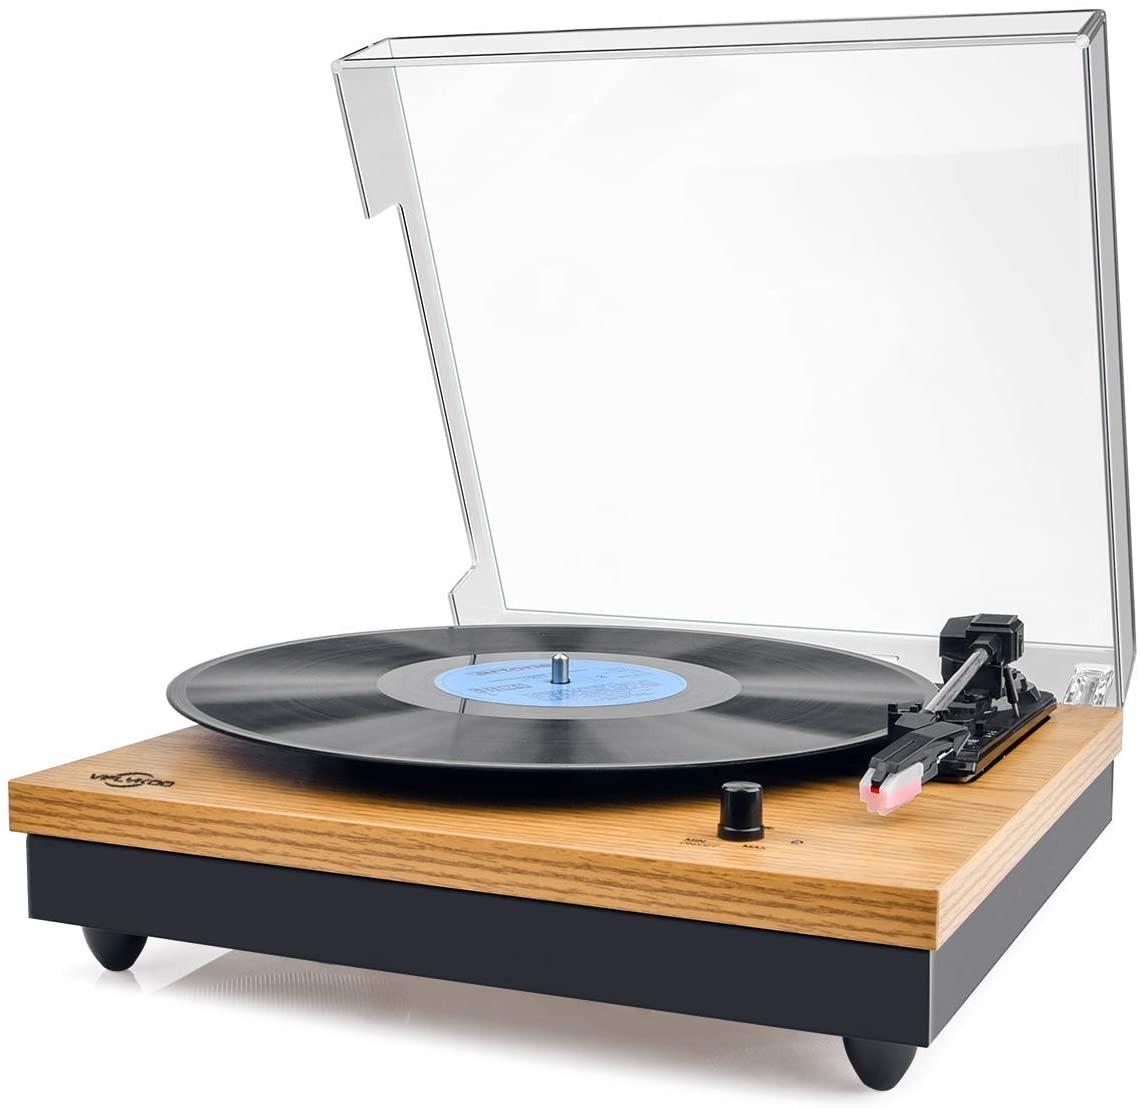 Pasa el ratón por encima de la imagen para ampliarla Tocadiscos, VIFLYKOO Tocadiscos Bluetooth para Discos de Vinilo con 33/45/78 RPM Altavoces estéreos incorporados, con RCA y Line in Montado - Madera Natural